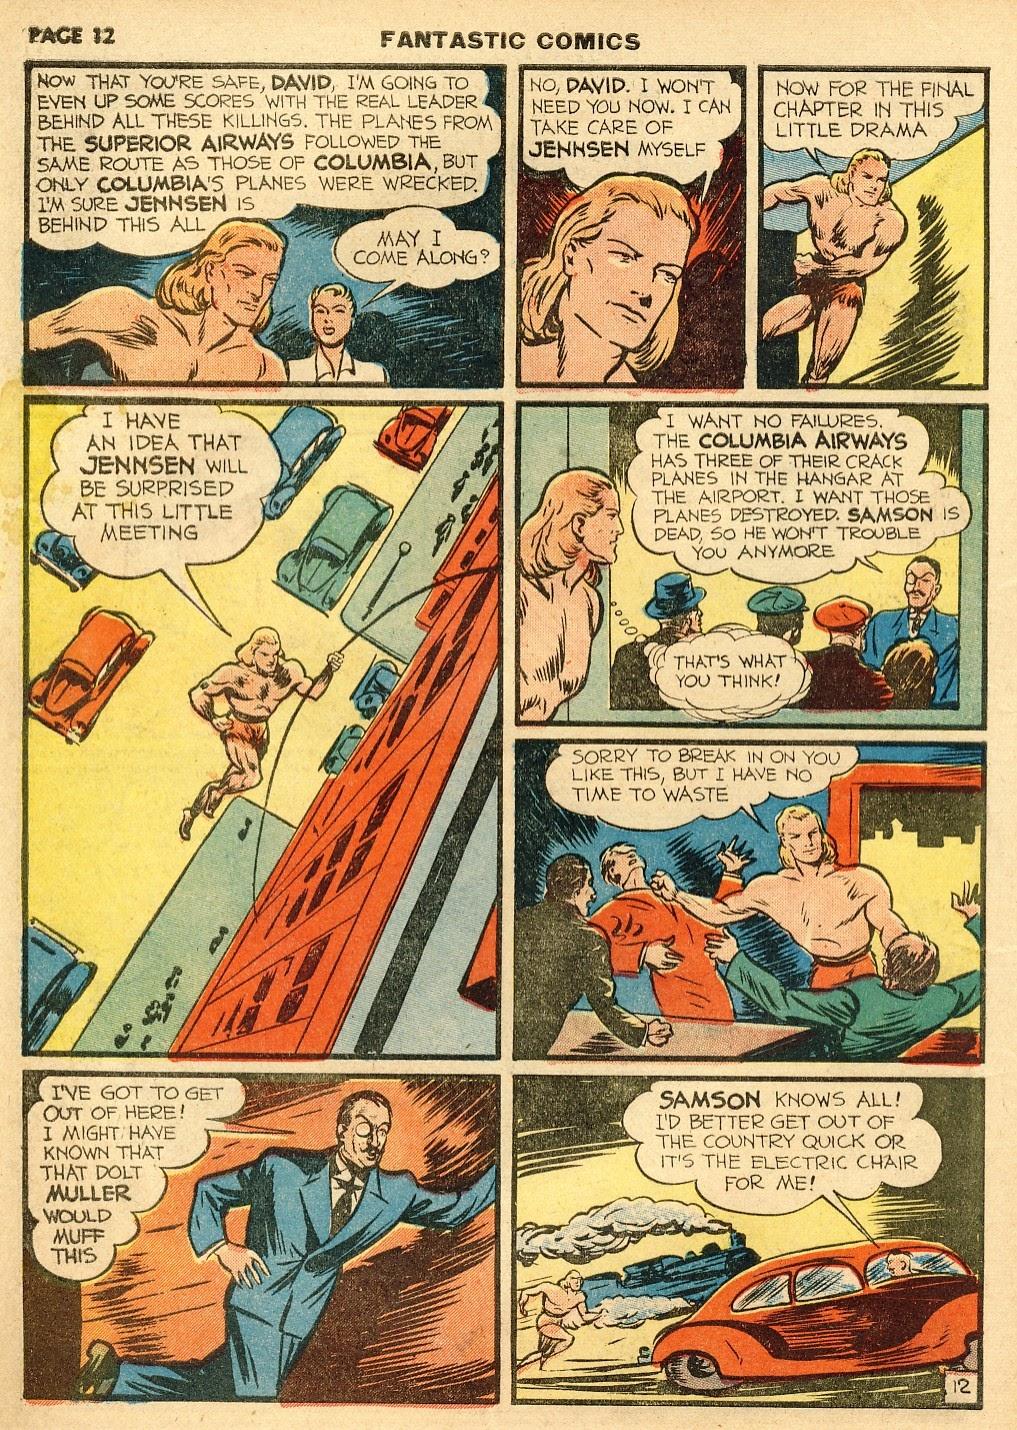 Read online Fantastic Comics comic -  Issue #10 - 13